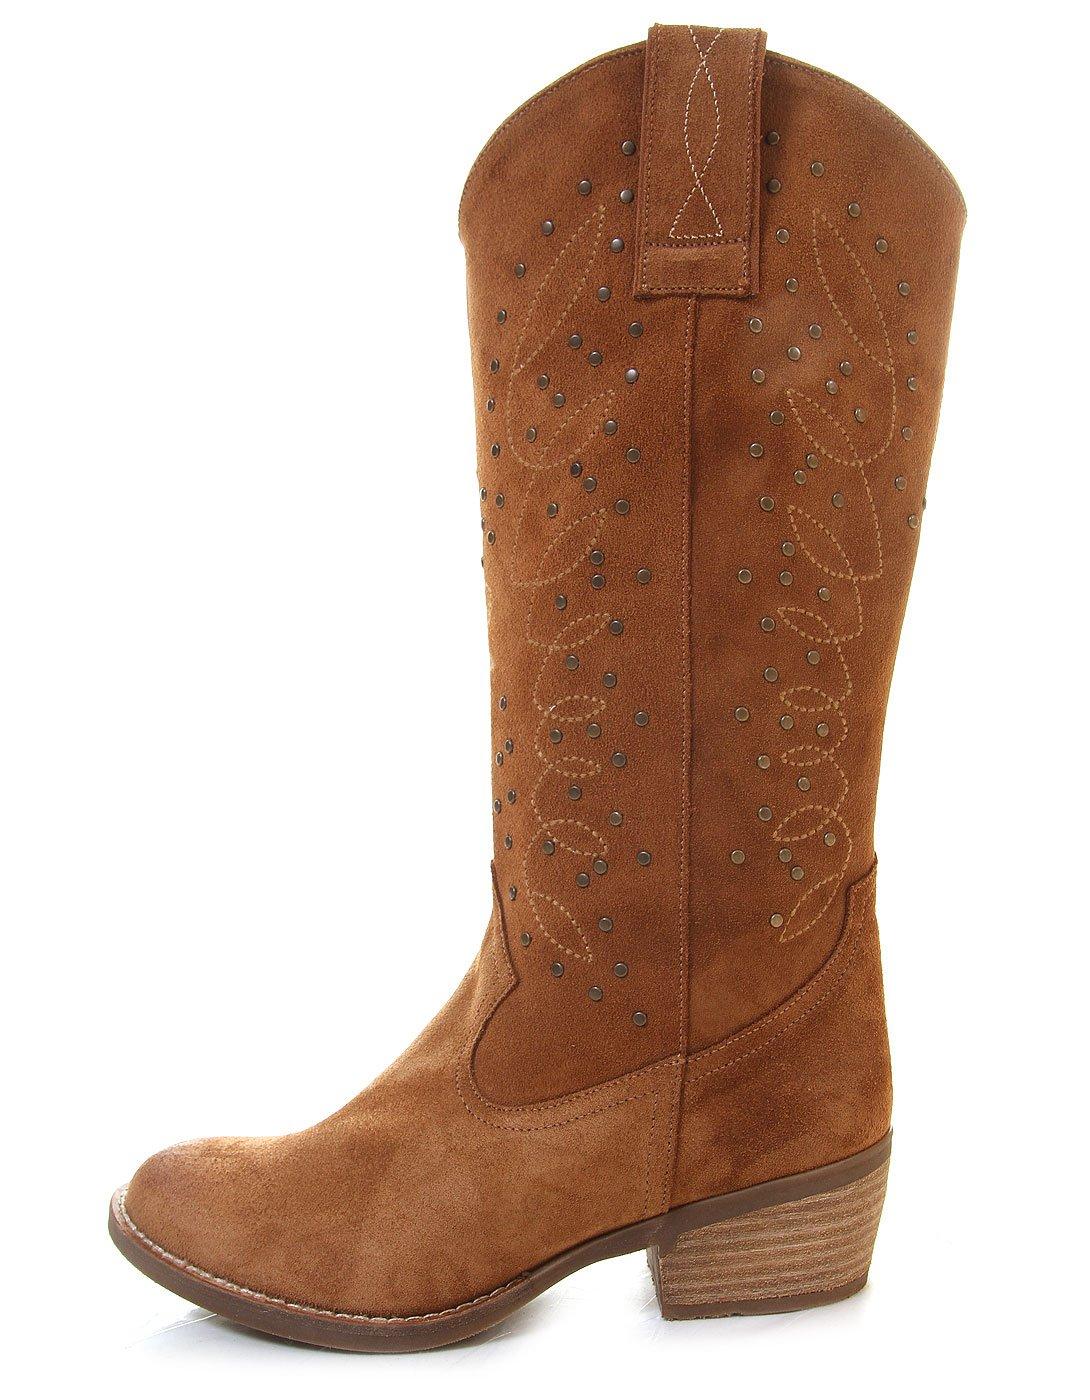 4f2c3410638 ▷ Ofertas Buylevard Botas Camperas tachuelas Cowboy Ante